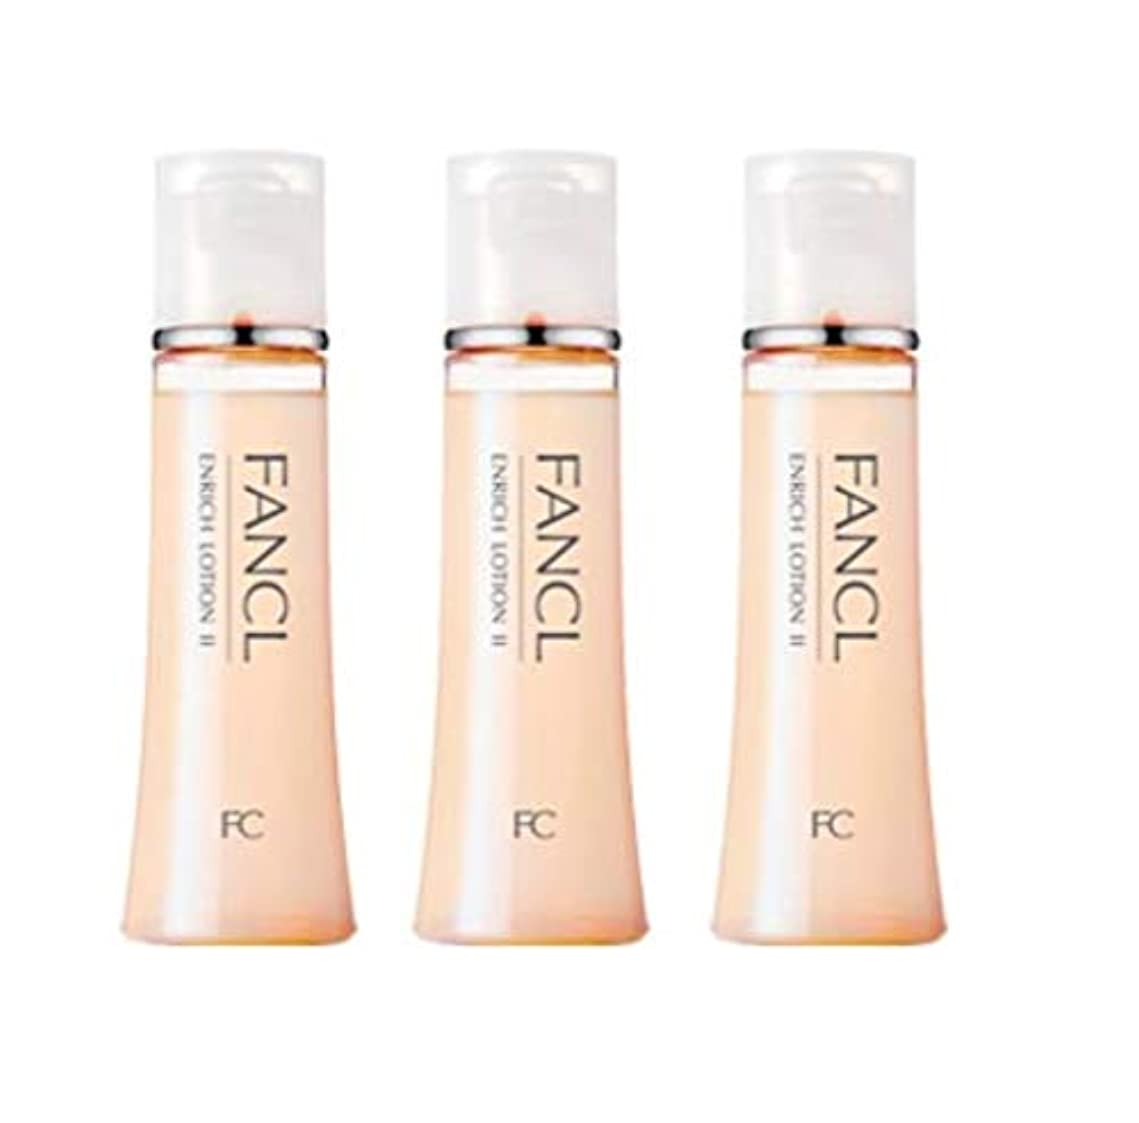 療法誠実さ甘美なファンケル(FANCL)エンリッチ 化粧液II しっとり 3本セット(30mL×3)